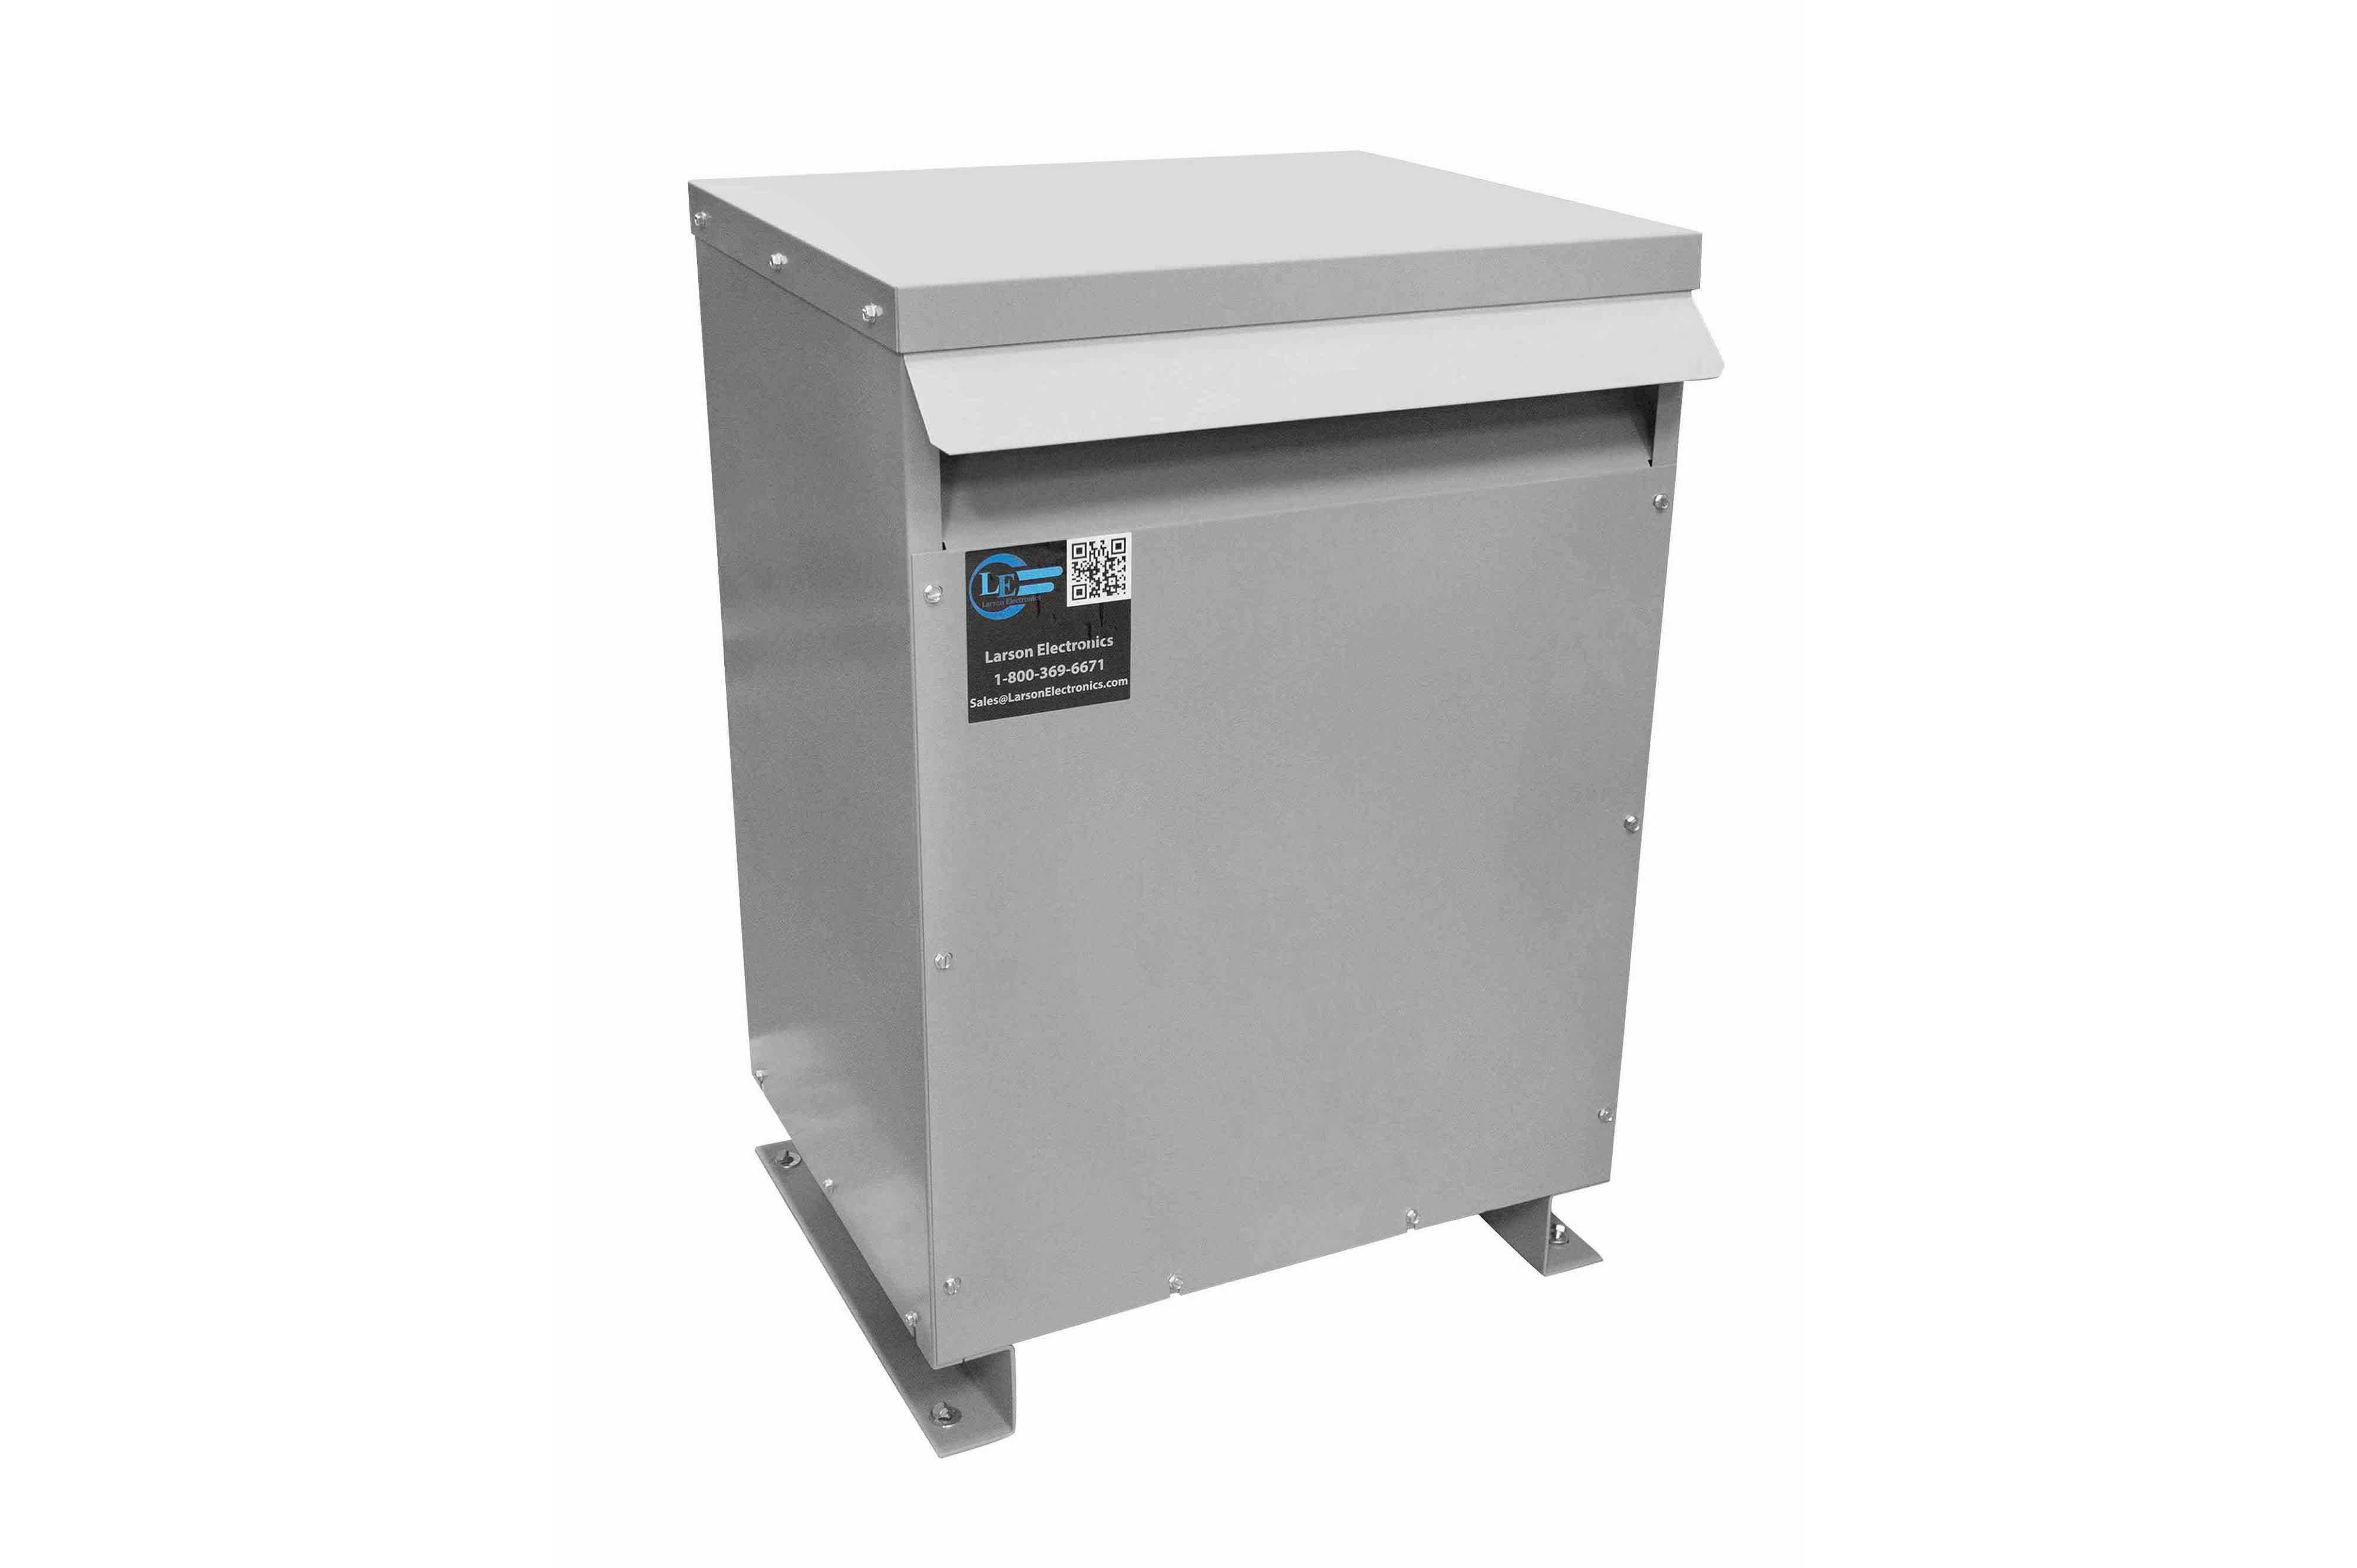 14 kVA 3PH Isolation Transformer, 600V Delta Primary, 460V Delta Secondary, N3R, Ventilated, 60 Hz